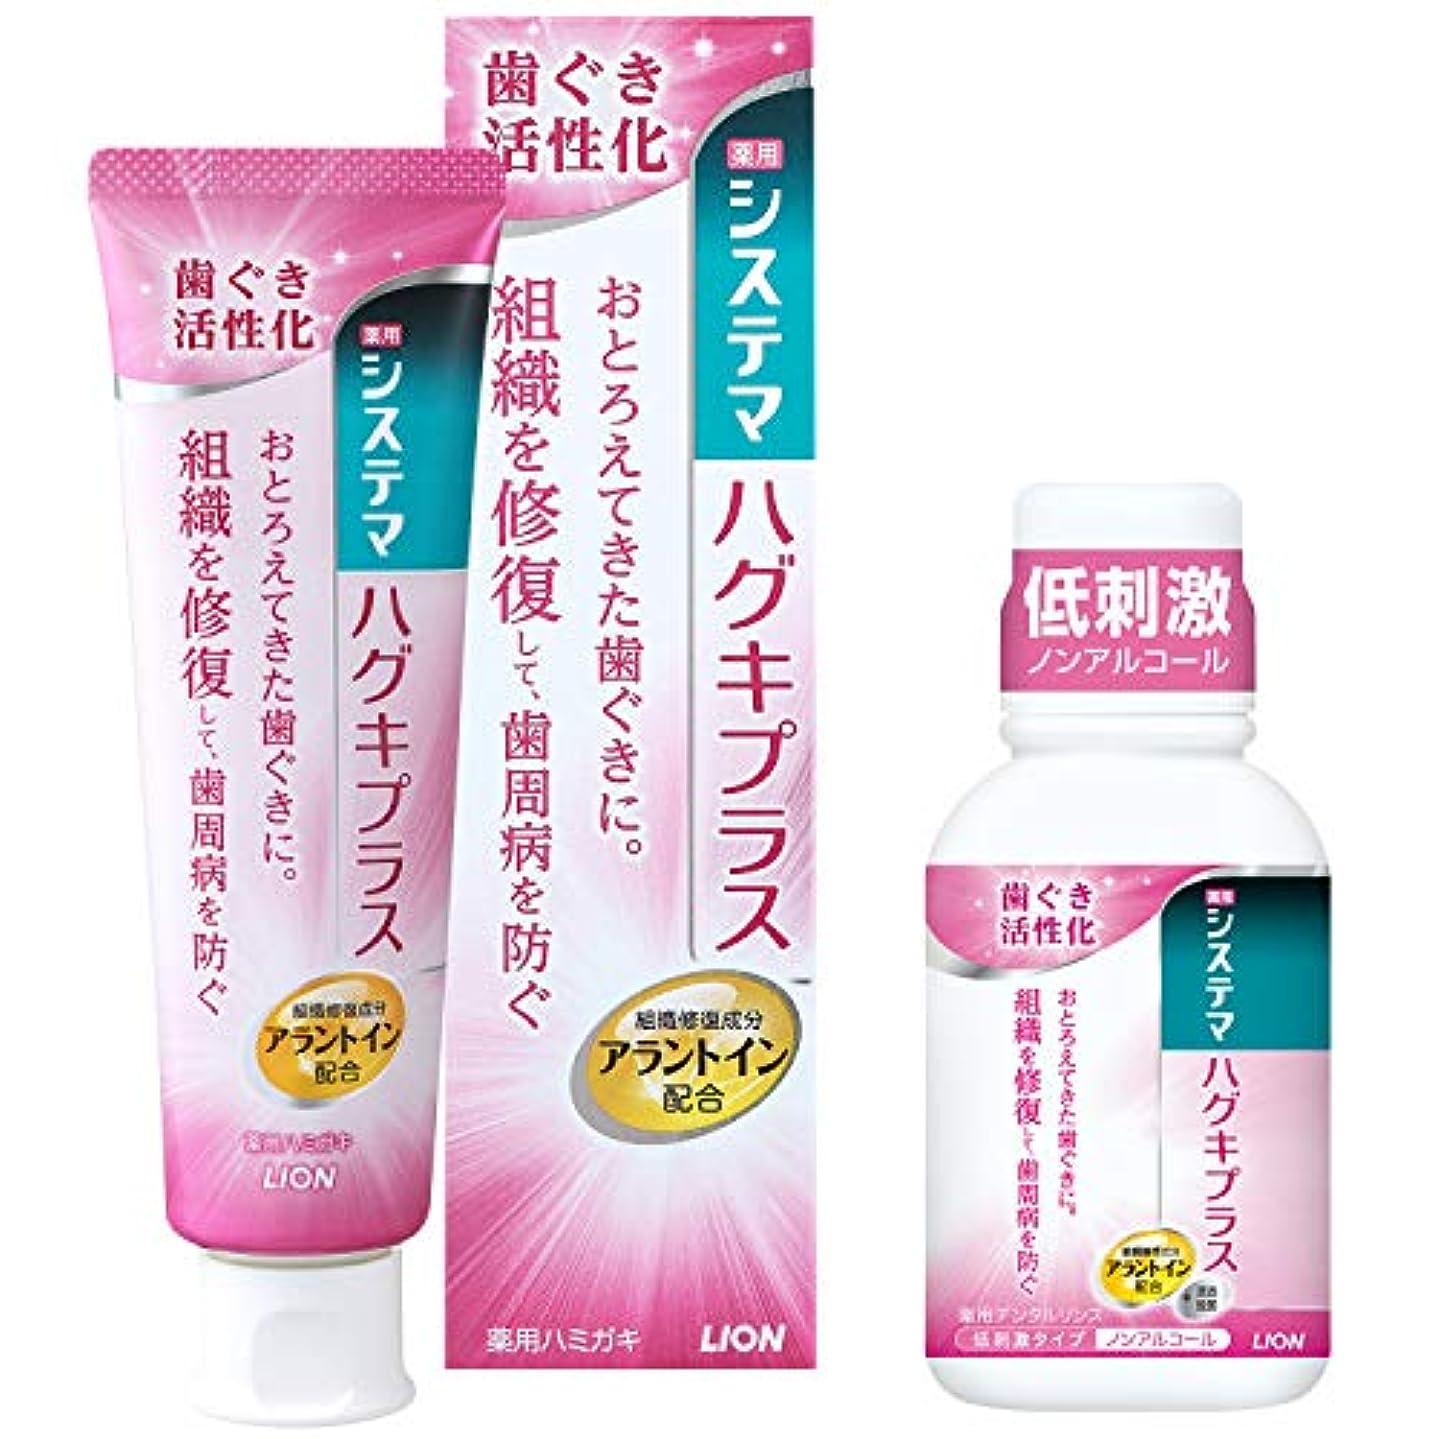 【Amazon.co.jp限定】[医薬部外品]システマ ハグキプラス ハミガキ 90g+ミニリンス 80ml